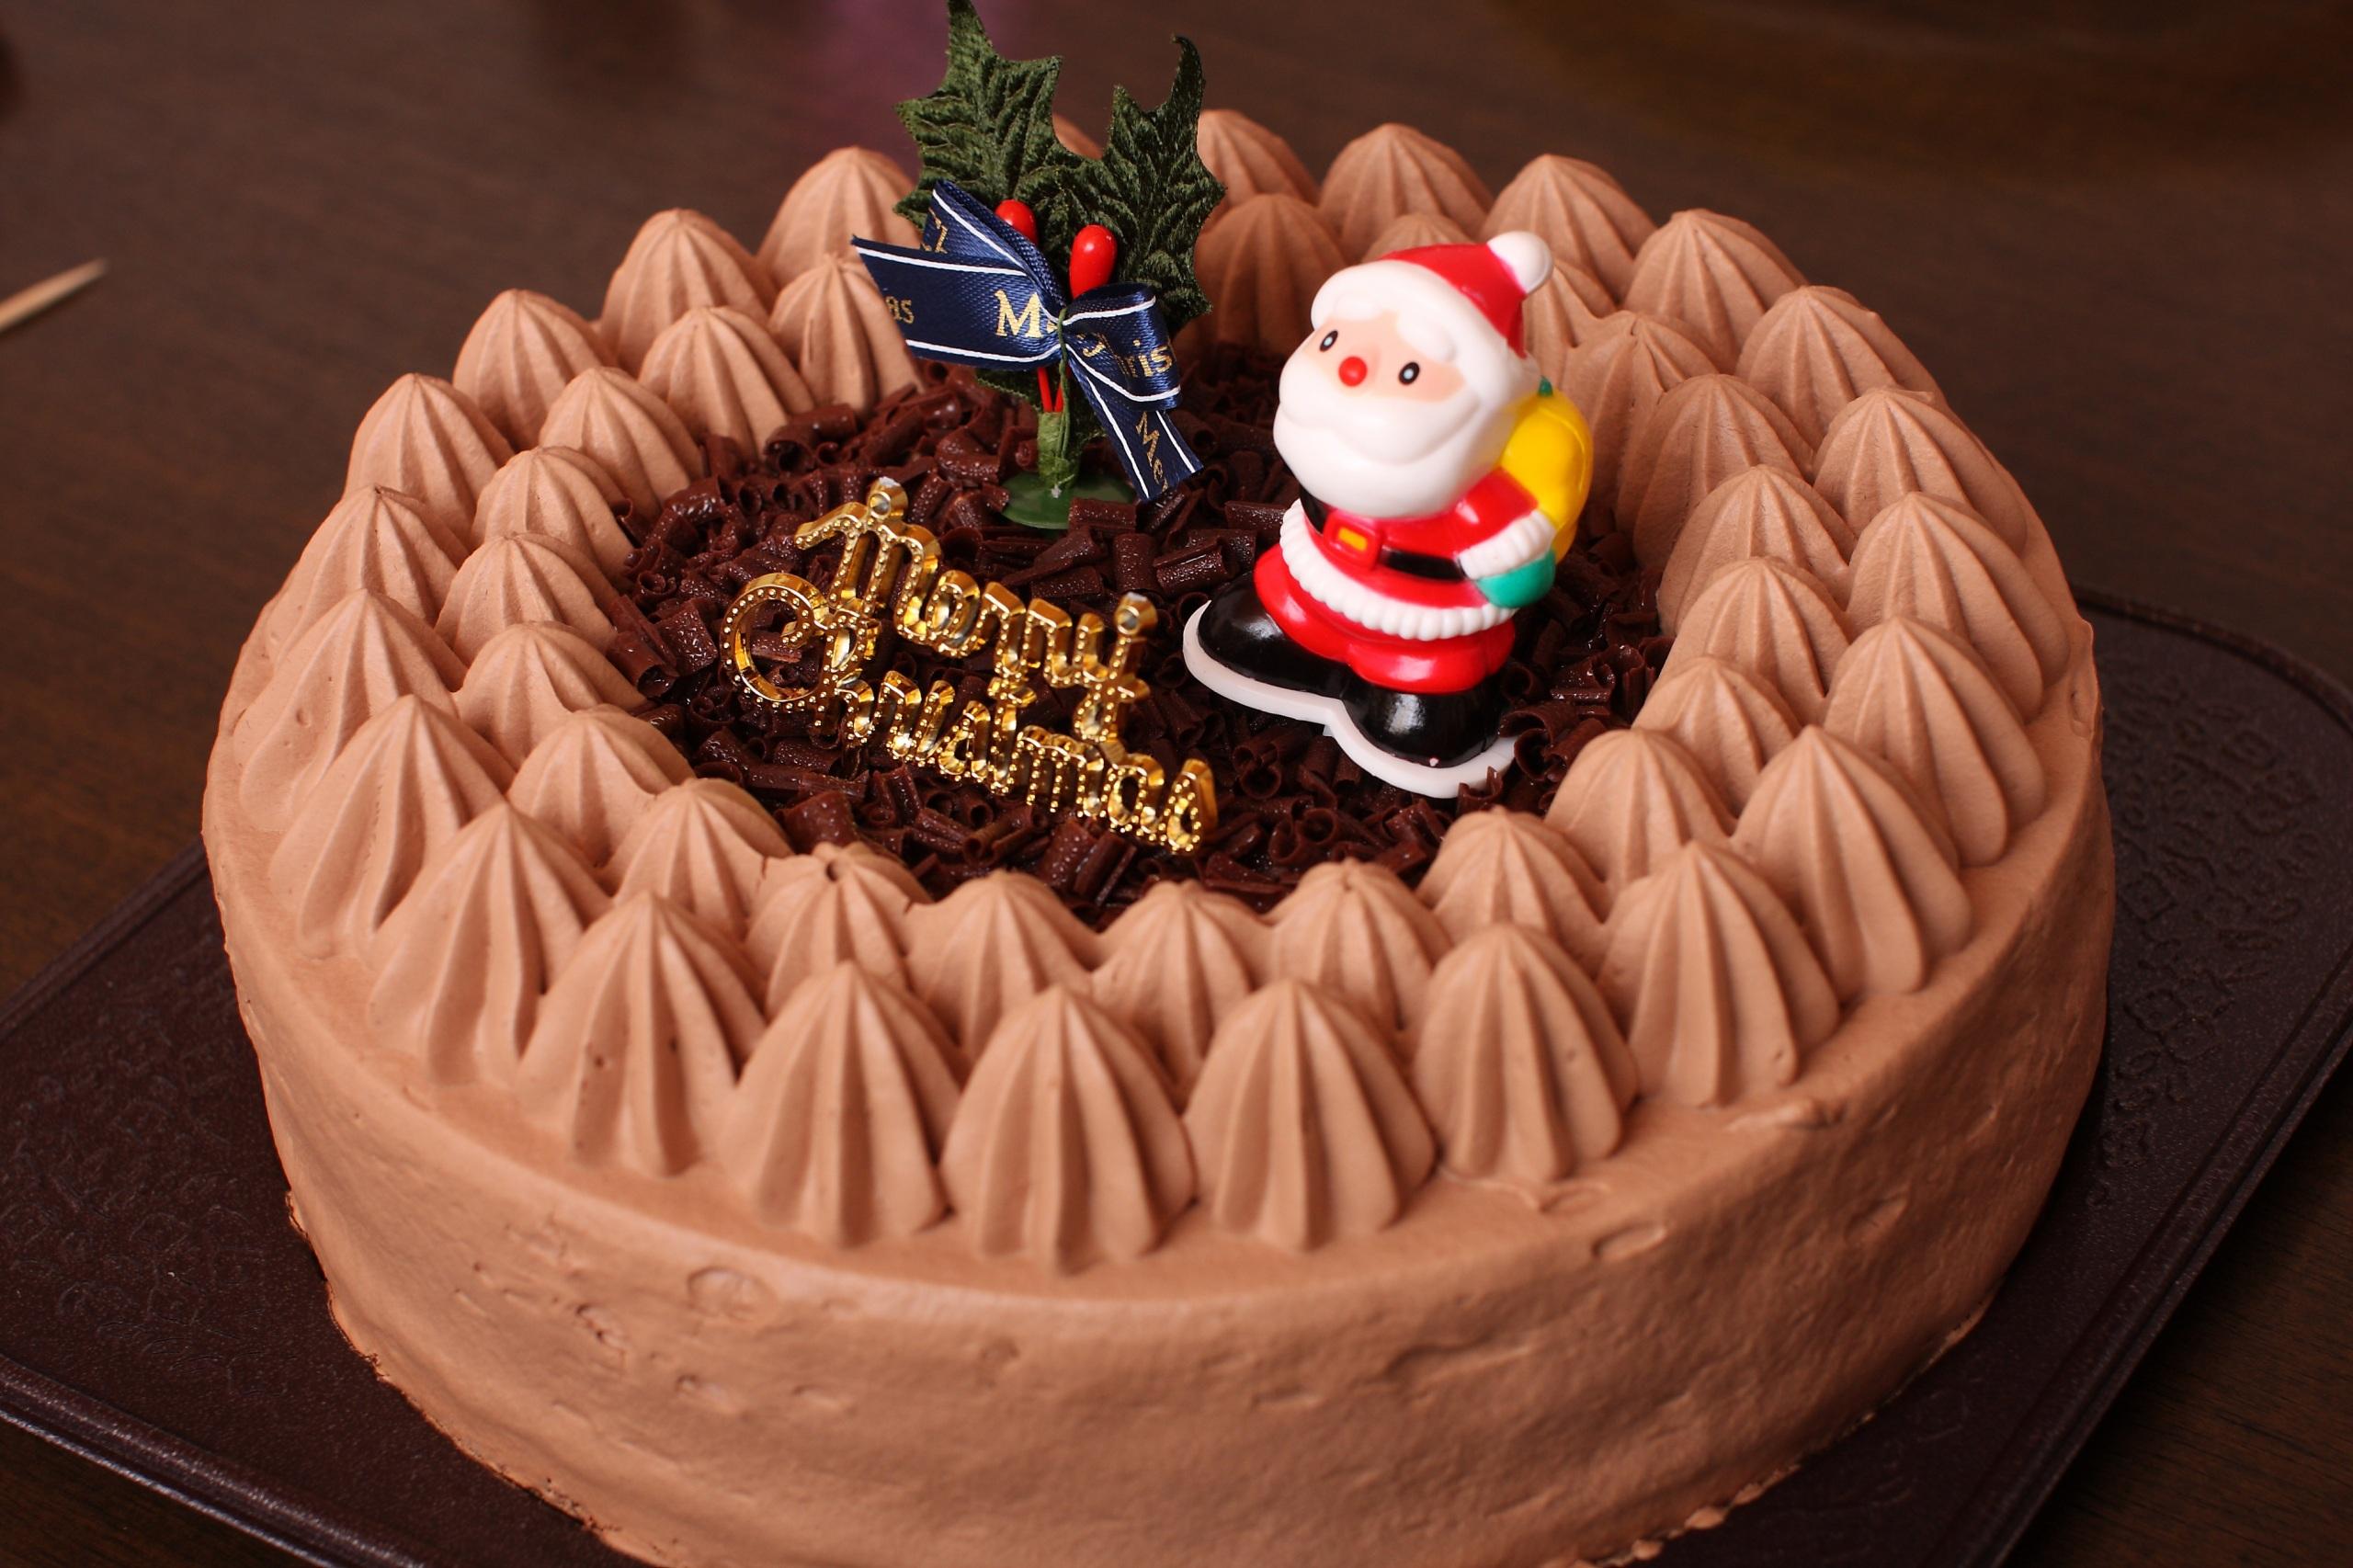 Фотографии Рождество Торты Дед Мороз Еда сладкая еда дизайна 2560x1706 Новый год Санта-Клаус Пища Продукты питания Сладости Дизайн